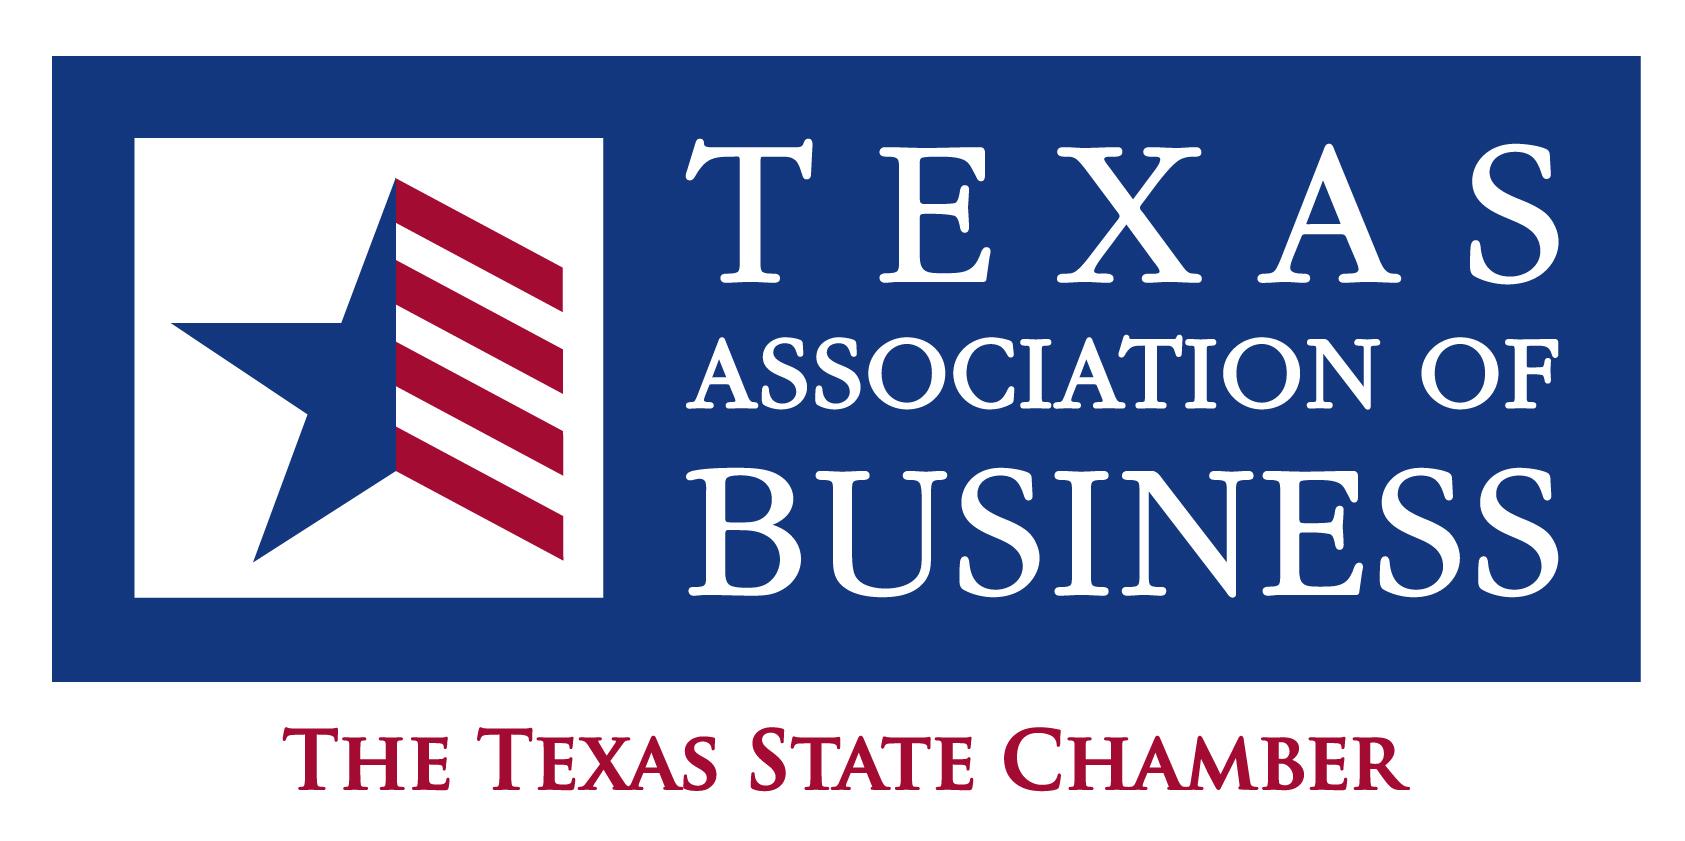 Texas Association of Business